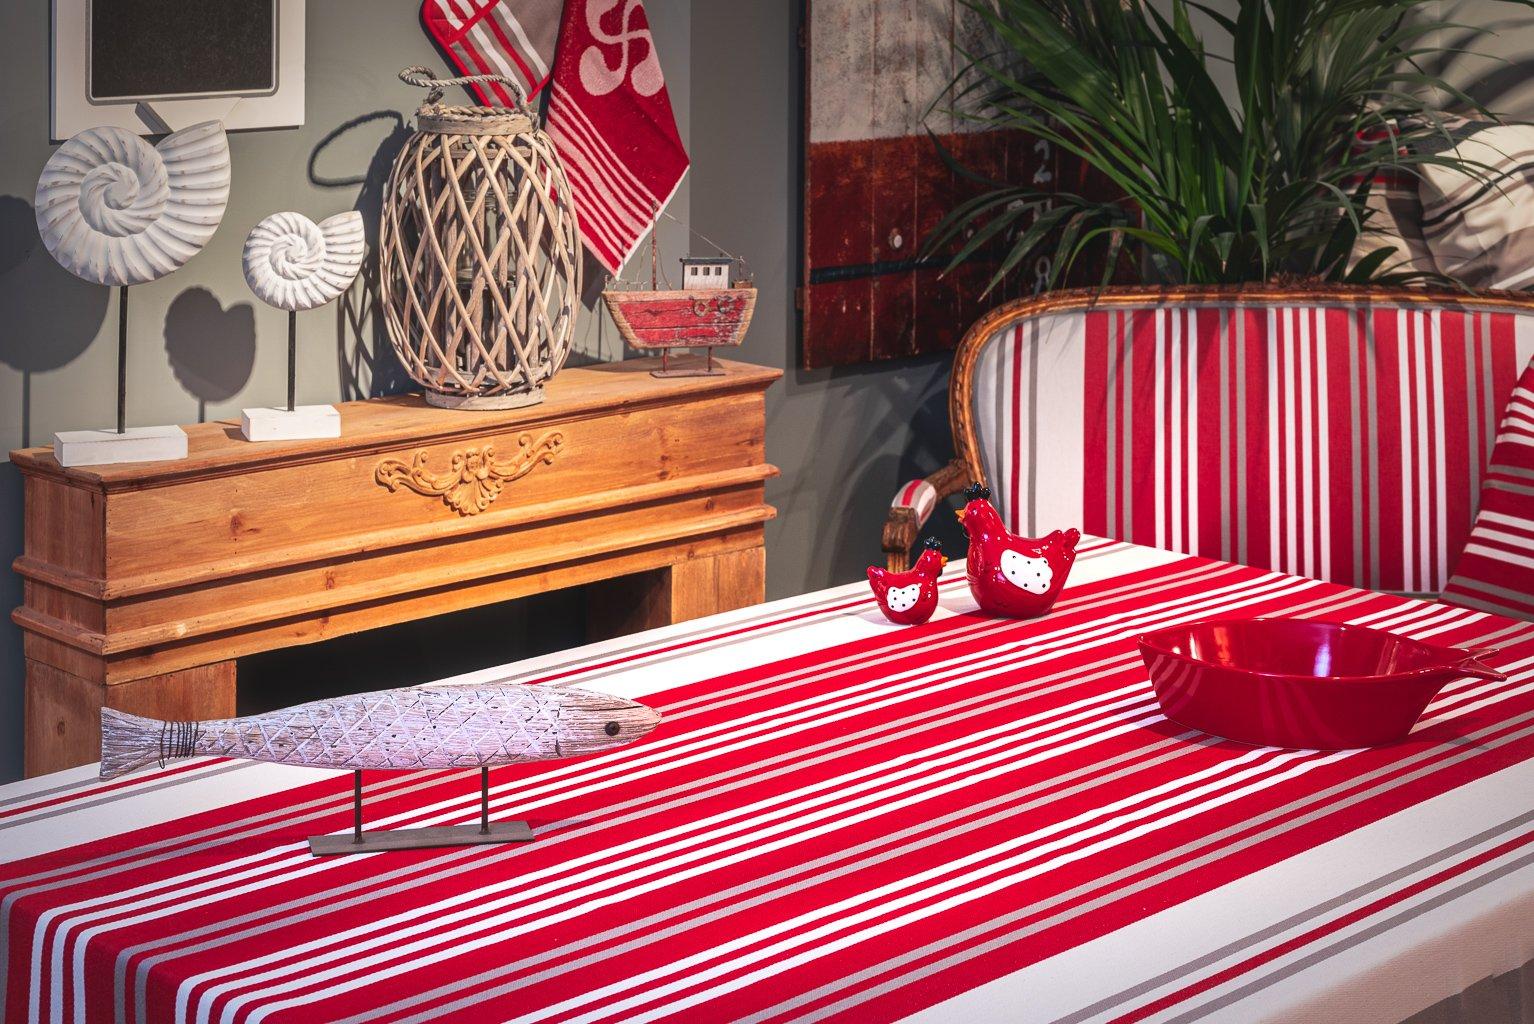 Nappe anti-taches 100% Coton de satin rouge 200 x 160 cm